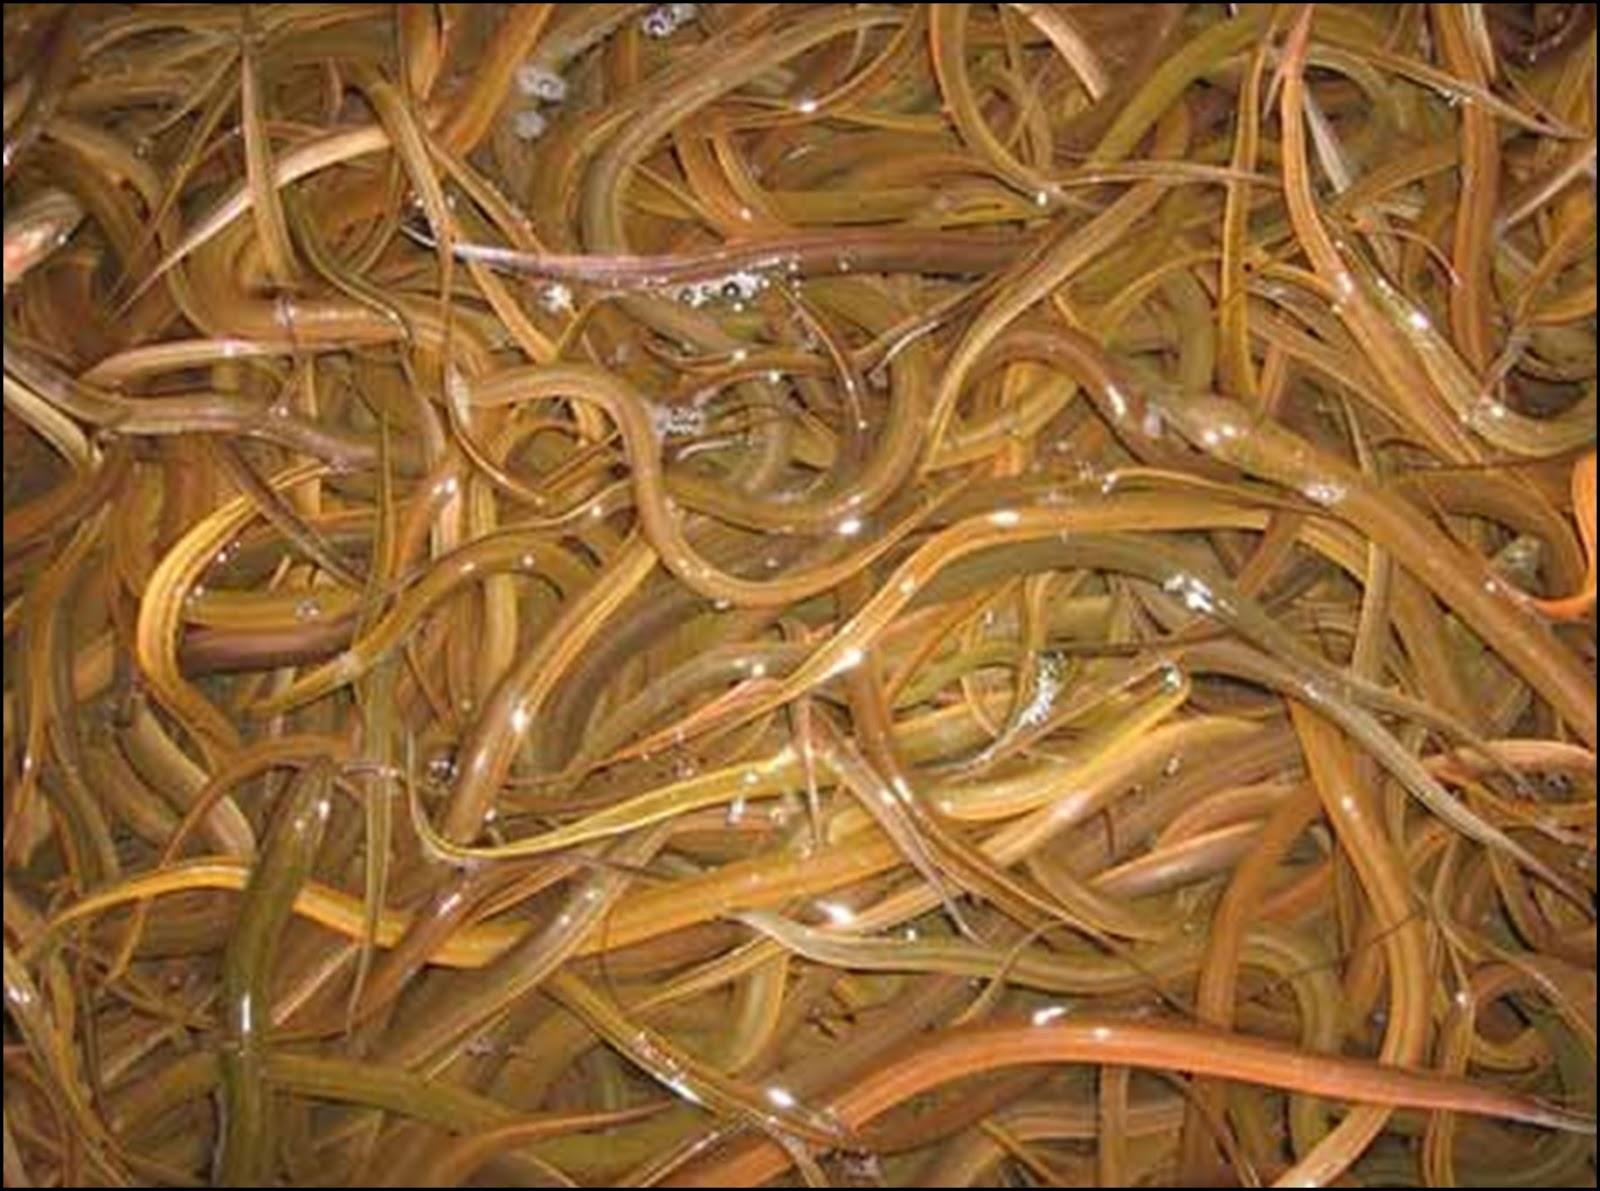 Jual Ikan Belut Serang, Banten